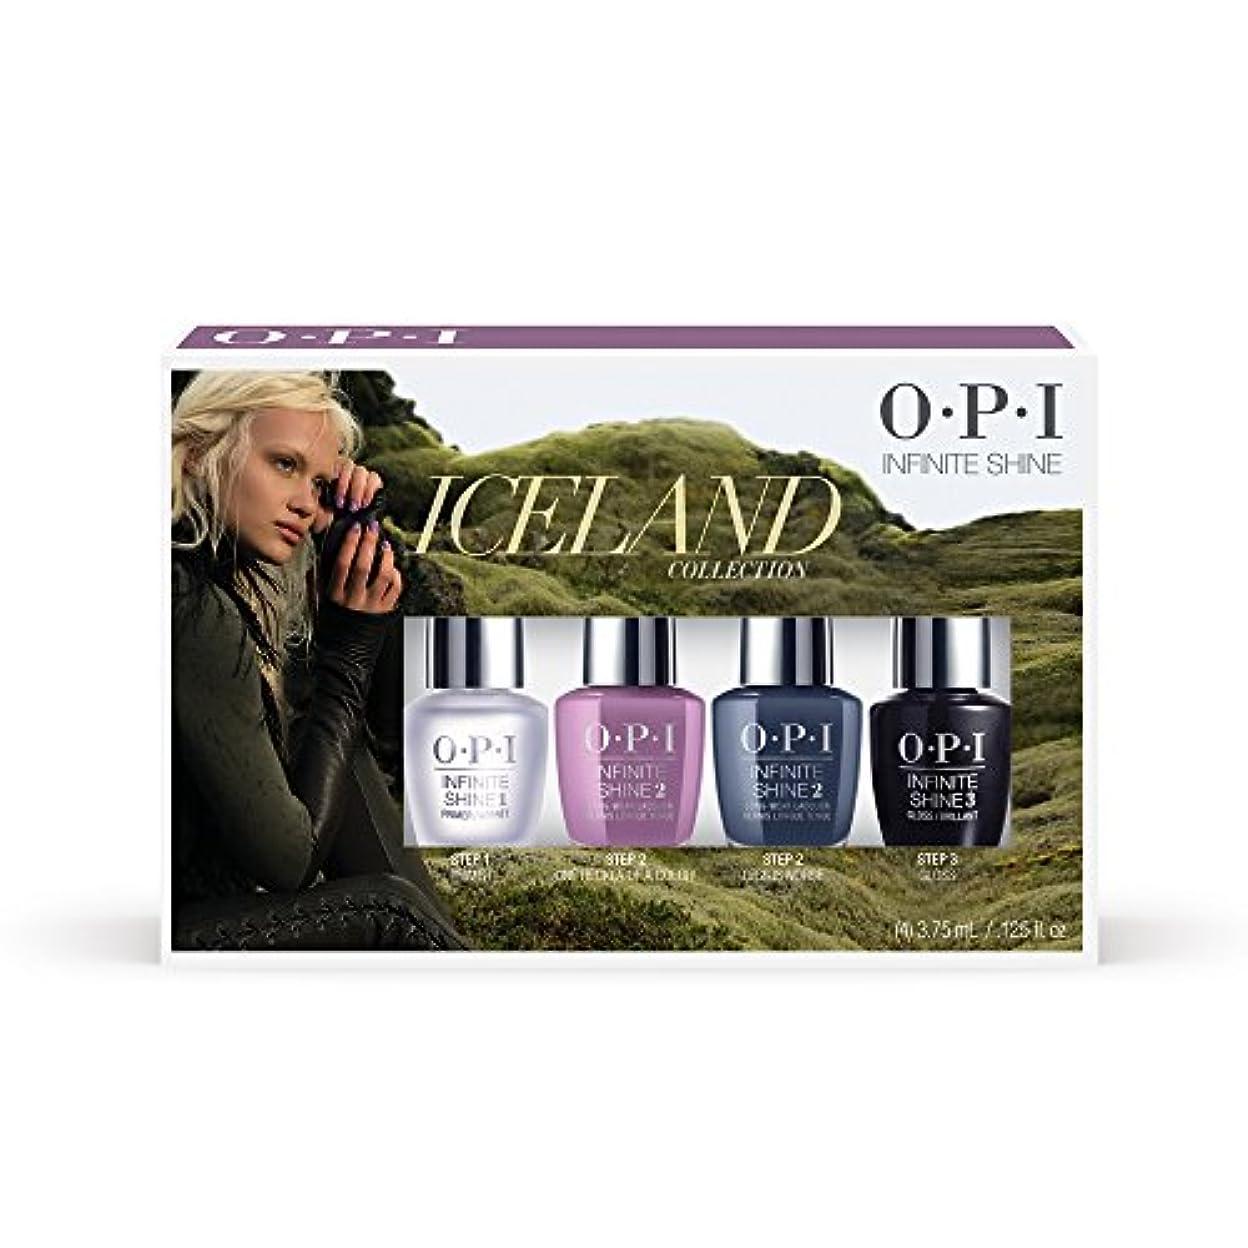 レンダーチャーミング異邦人OPI(オーピーアイ) アイスランド コレクション インフィニット シャイン ミニパック